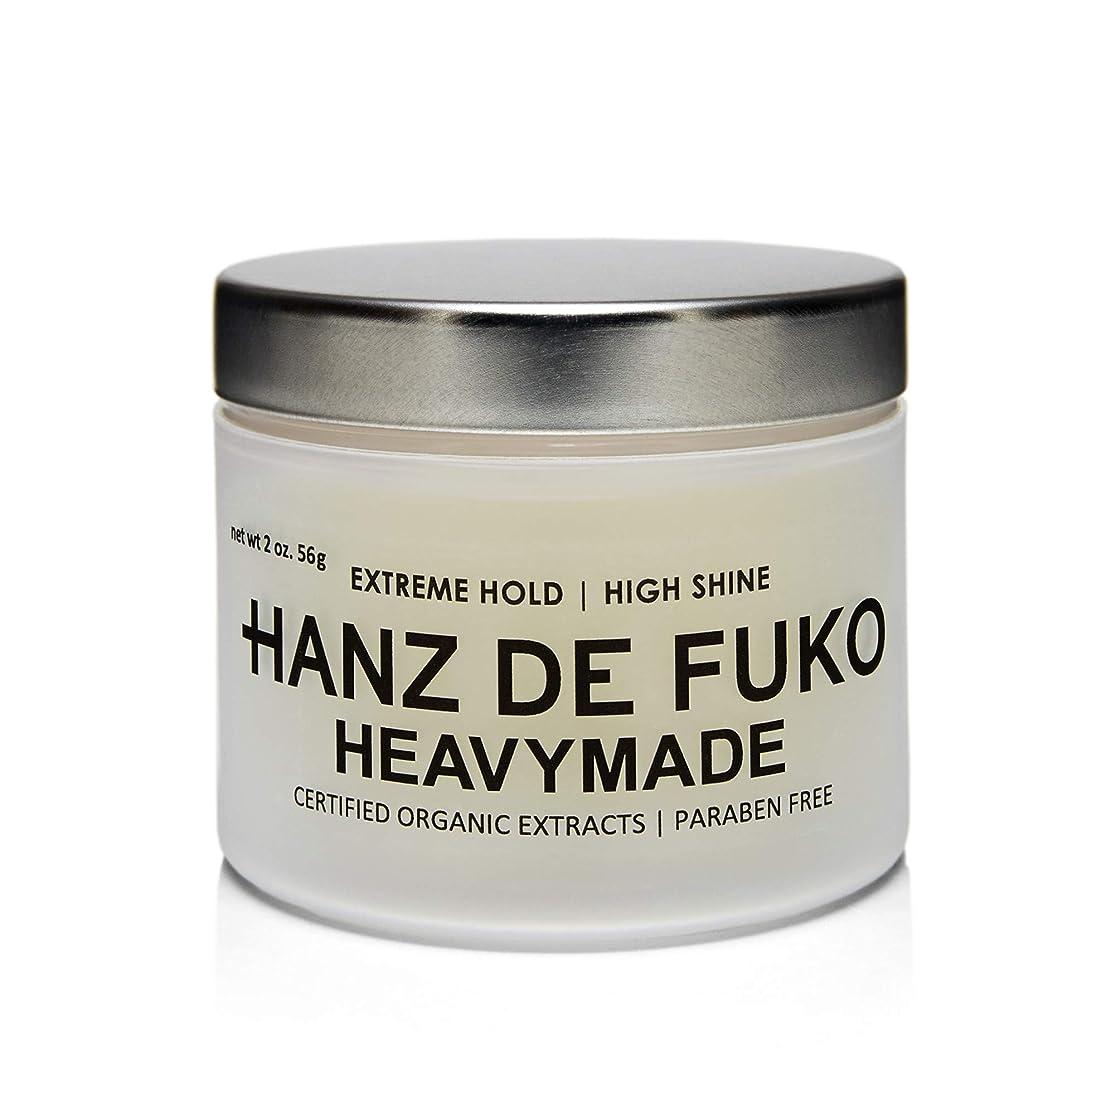 毛皮然とした明確にHanz de FukoプレミアムメンズヘアスタイリングHeavymade Pomade:ミディアムシャイン仕上げの高性能ヘアスタイリングペースト56g